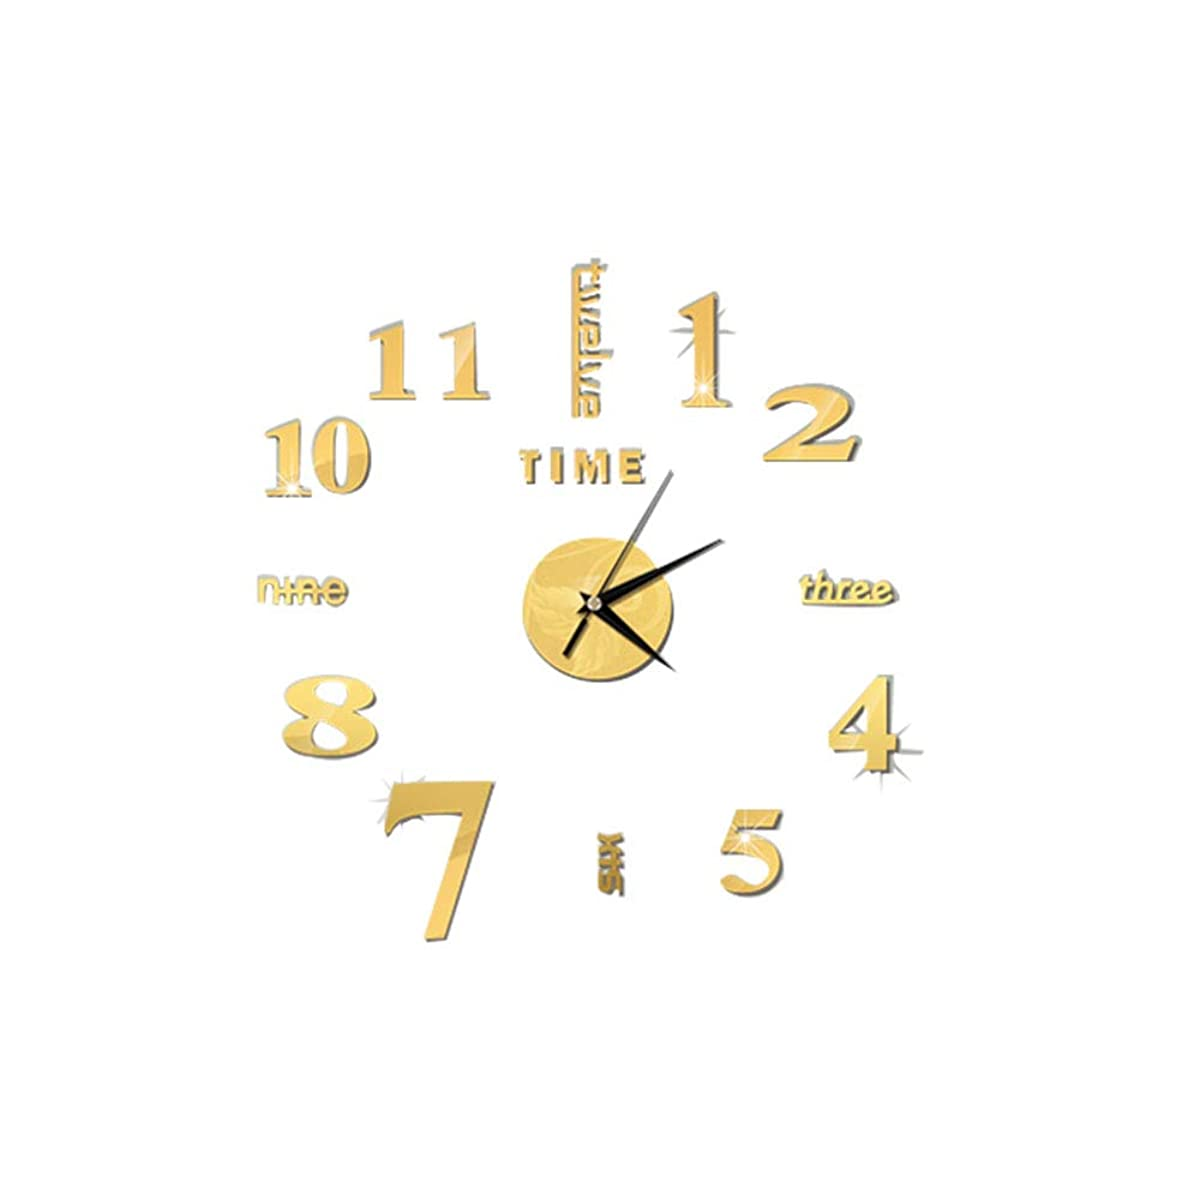 単に最小ノーブルRosepoem 取り外し可能なミラーの柱時計、Diyの壁掛け時計アクリル3Dミラーステッカーアート時計デカール壁画 - ゴールド